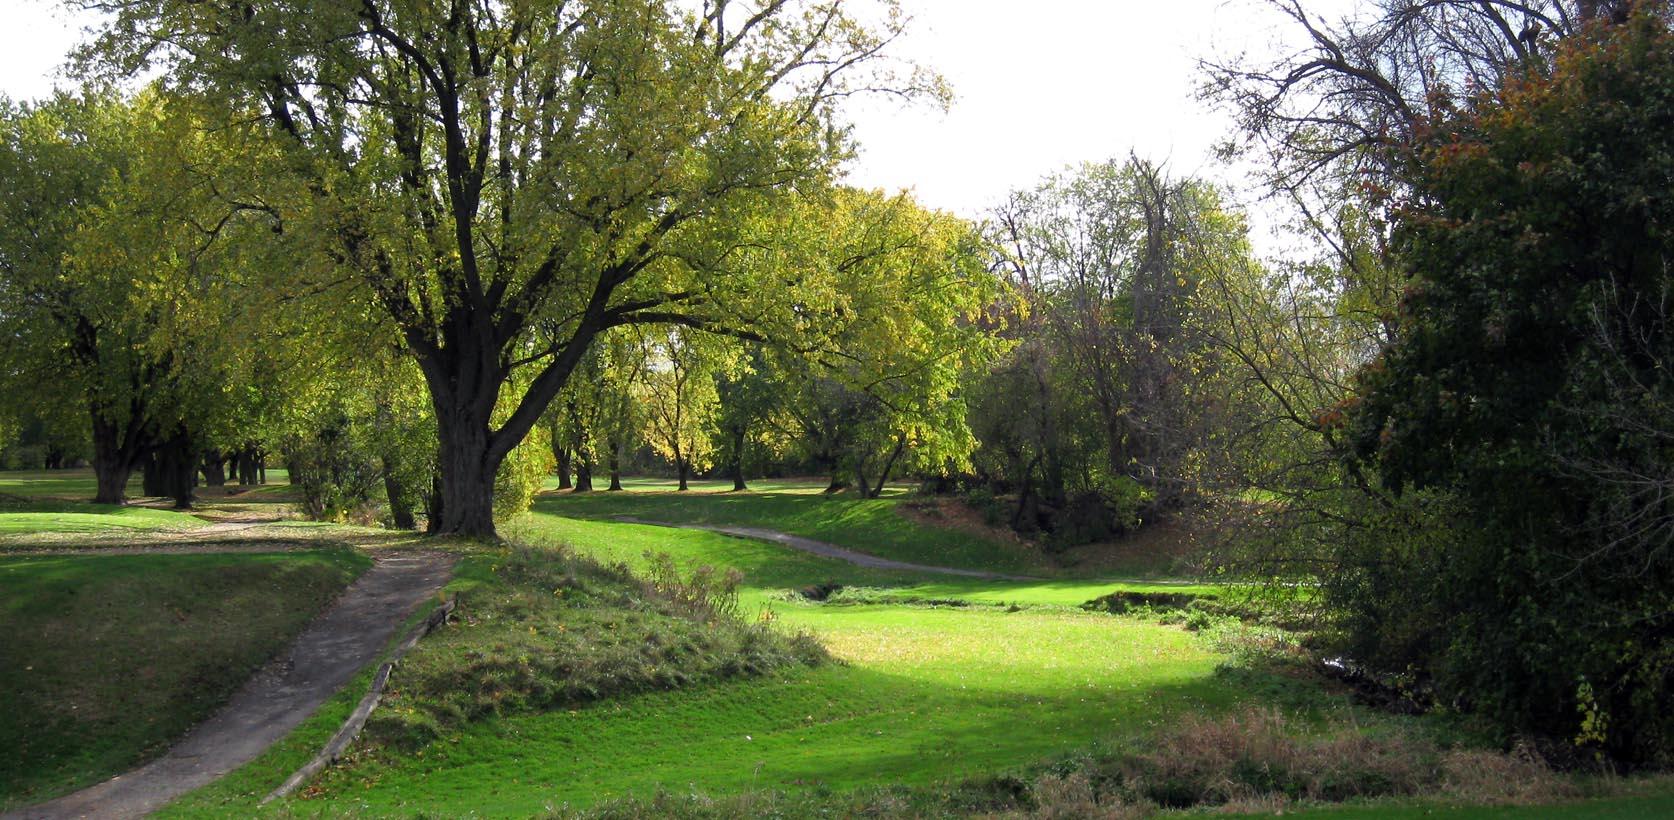 Gallery Les Amis Du Parc Meadowbrook